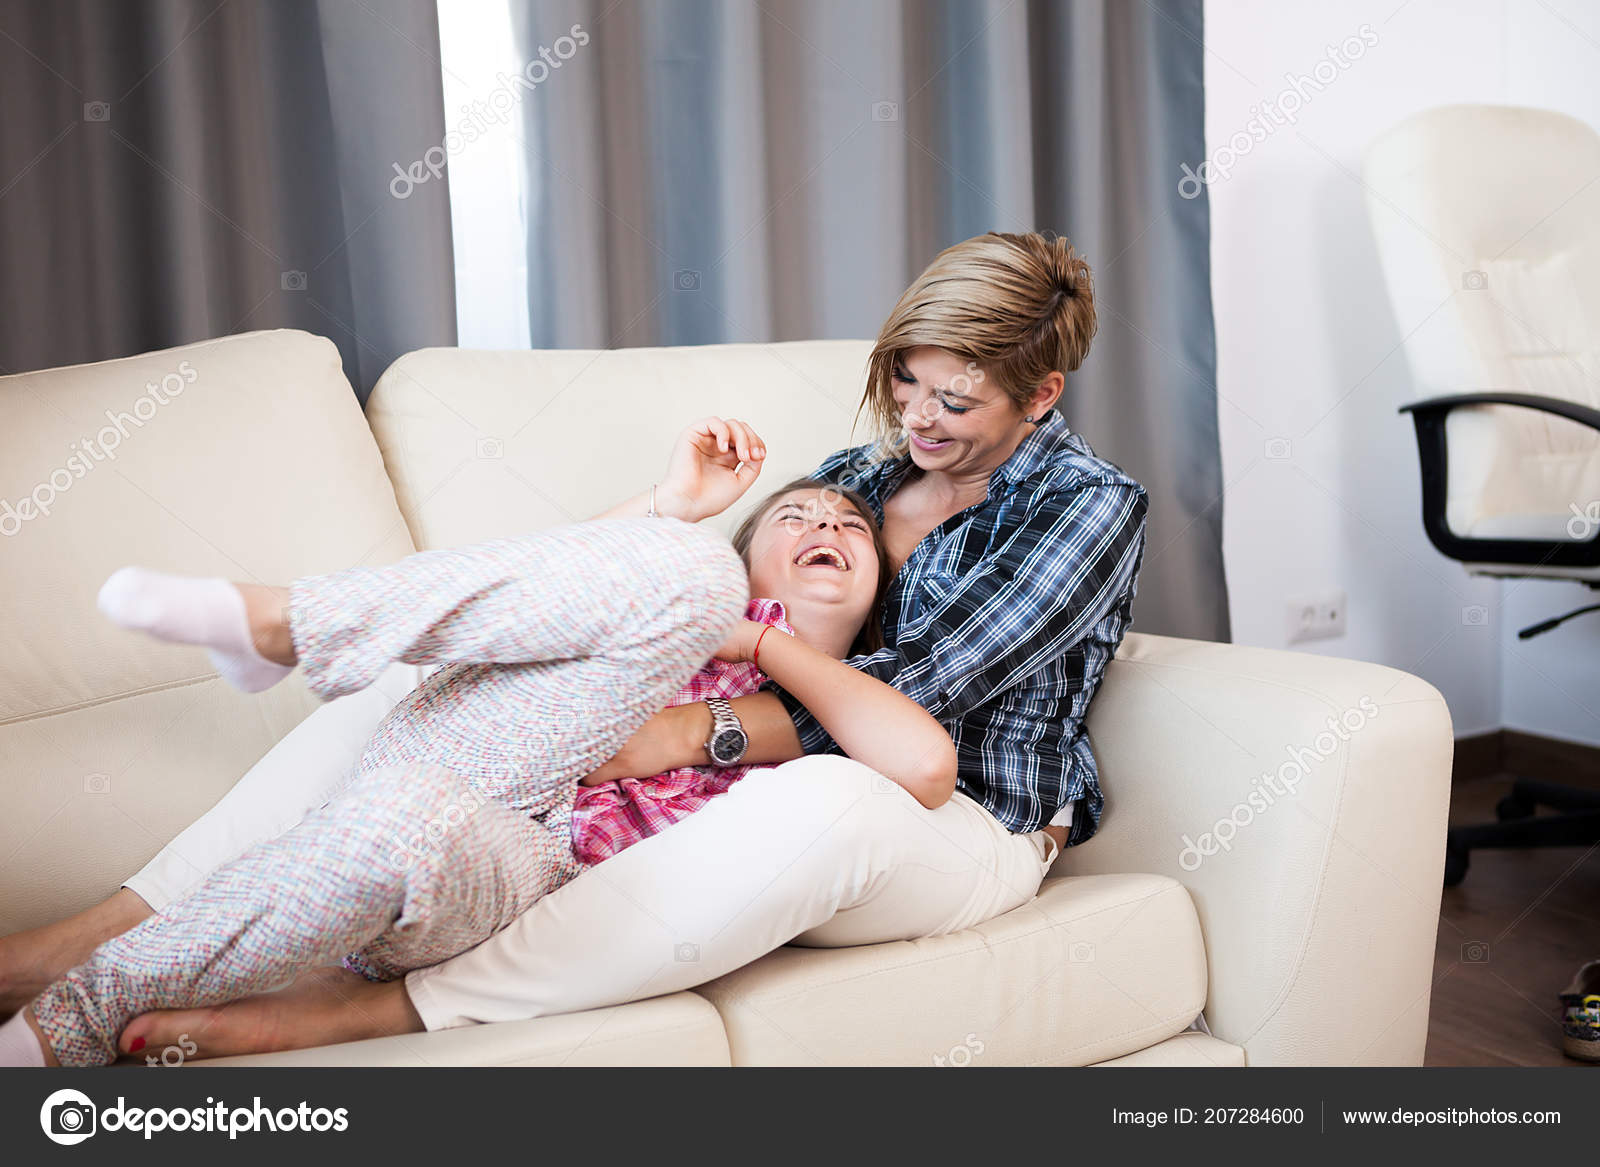 Фото друг ебет маму и тетю, Сын трахает маму друга в его доме Похожие фото 22 фотография